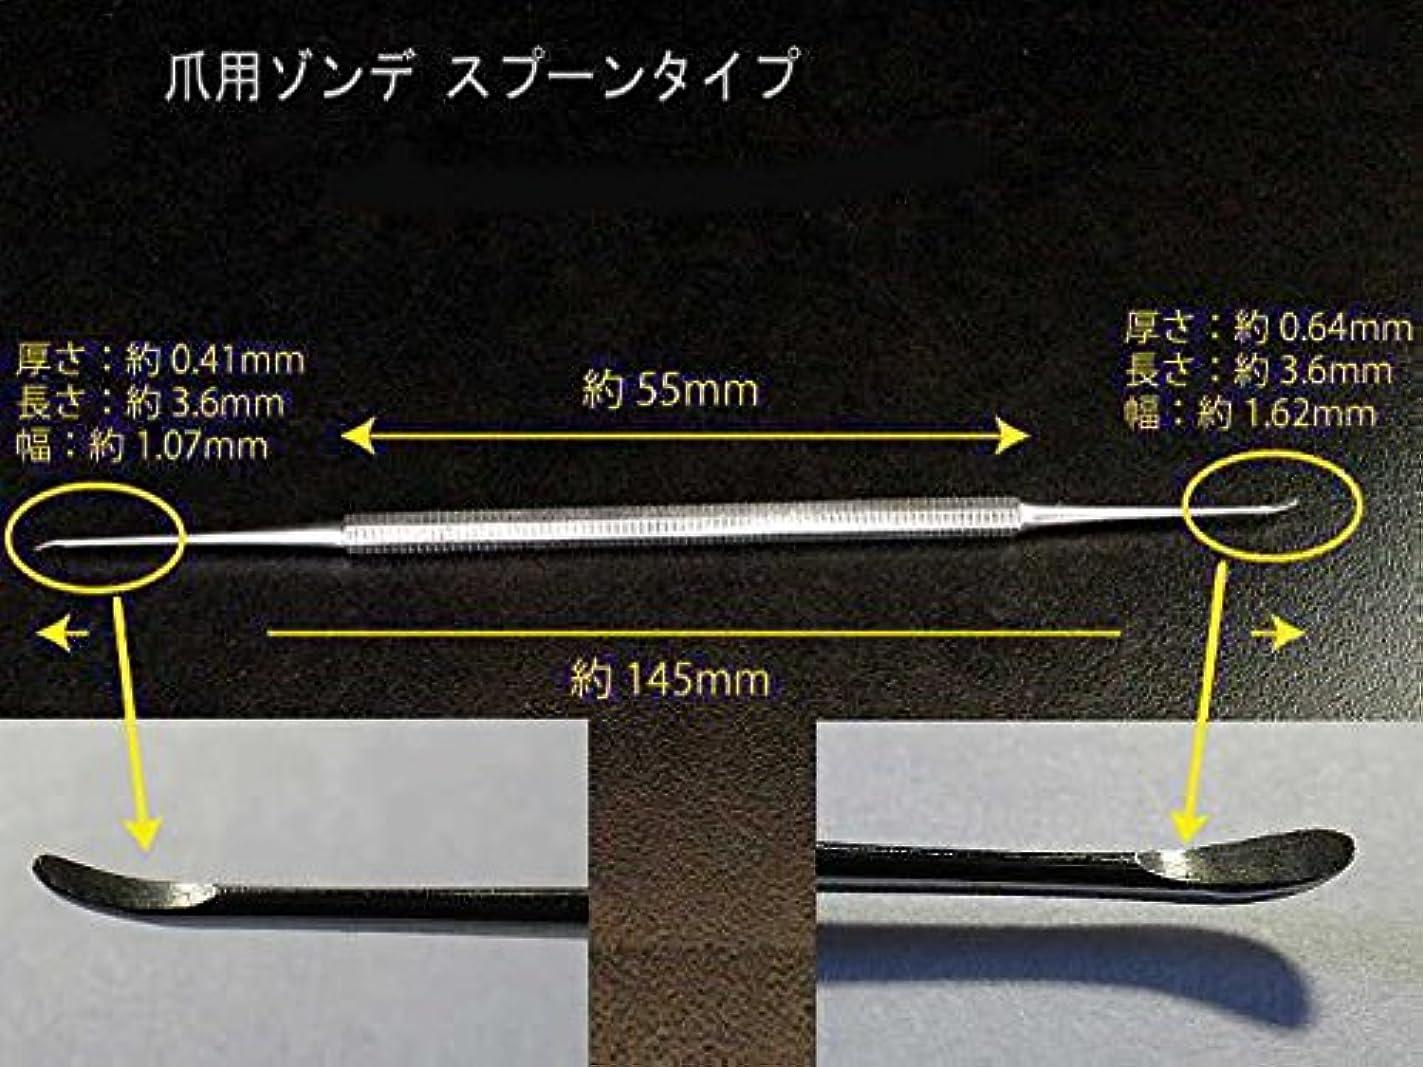 自動車レンド第五爪用ゾンデ スプーンタイプ*足爪、巻き爪のネイルケア、フットケアに◆医療器具にも使用されるステンレス製